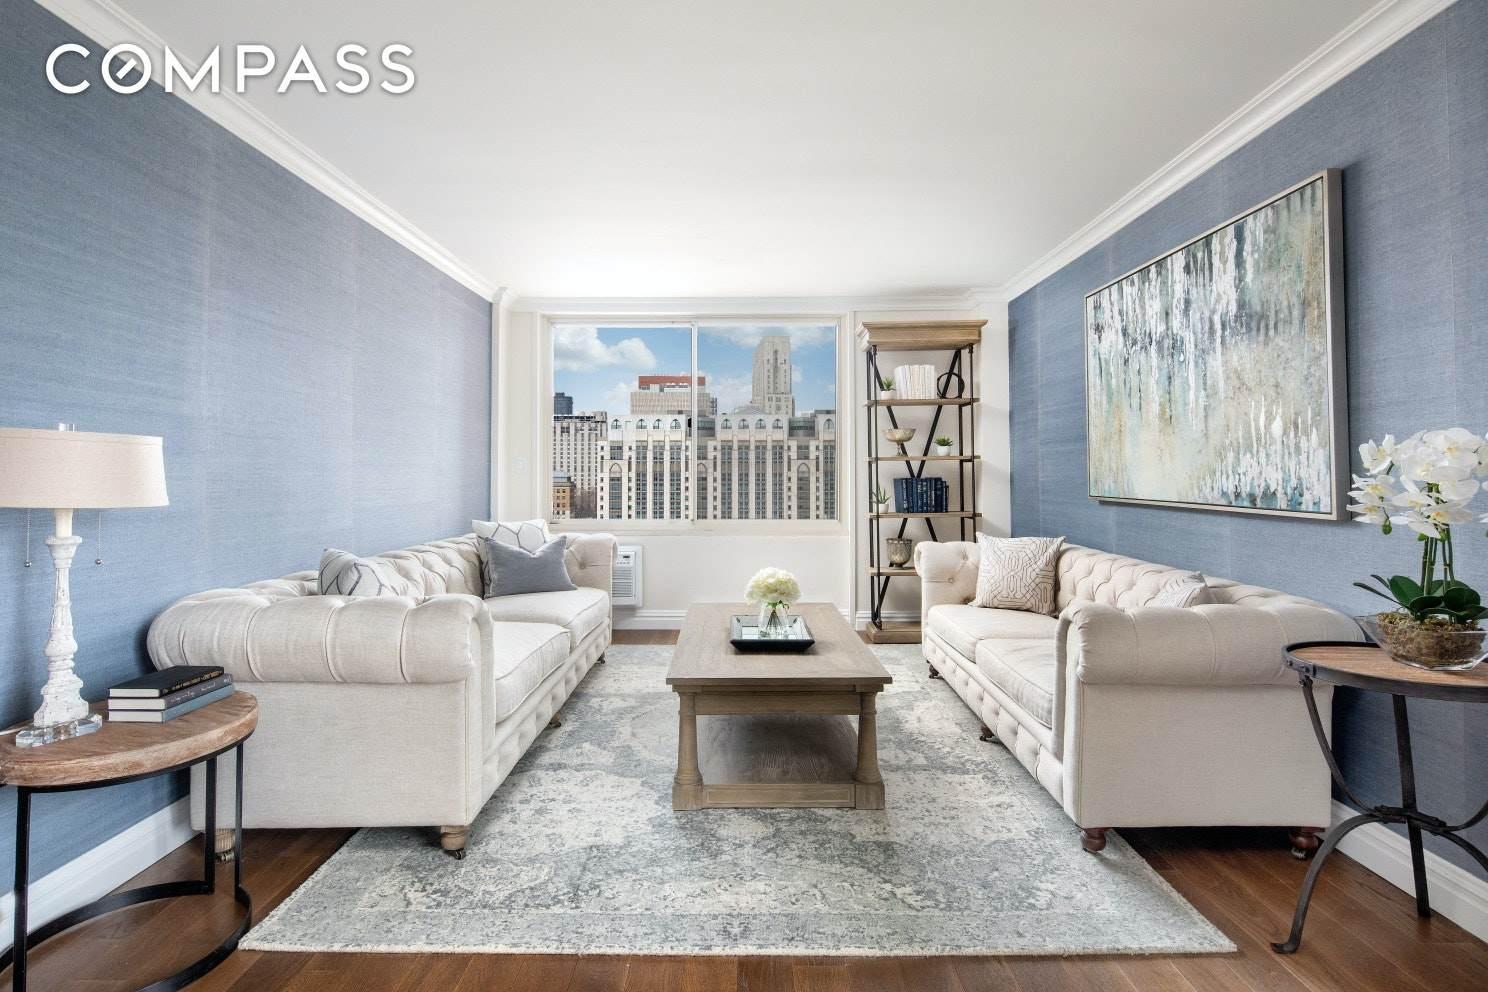 555 Main St #1514, NEW YORK, NY 10044 (MLS #OLRS-1746516) :: RE/MAX Edge